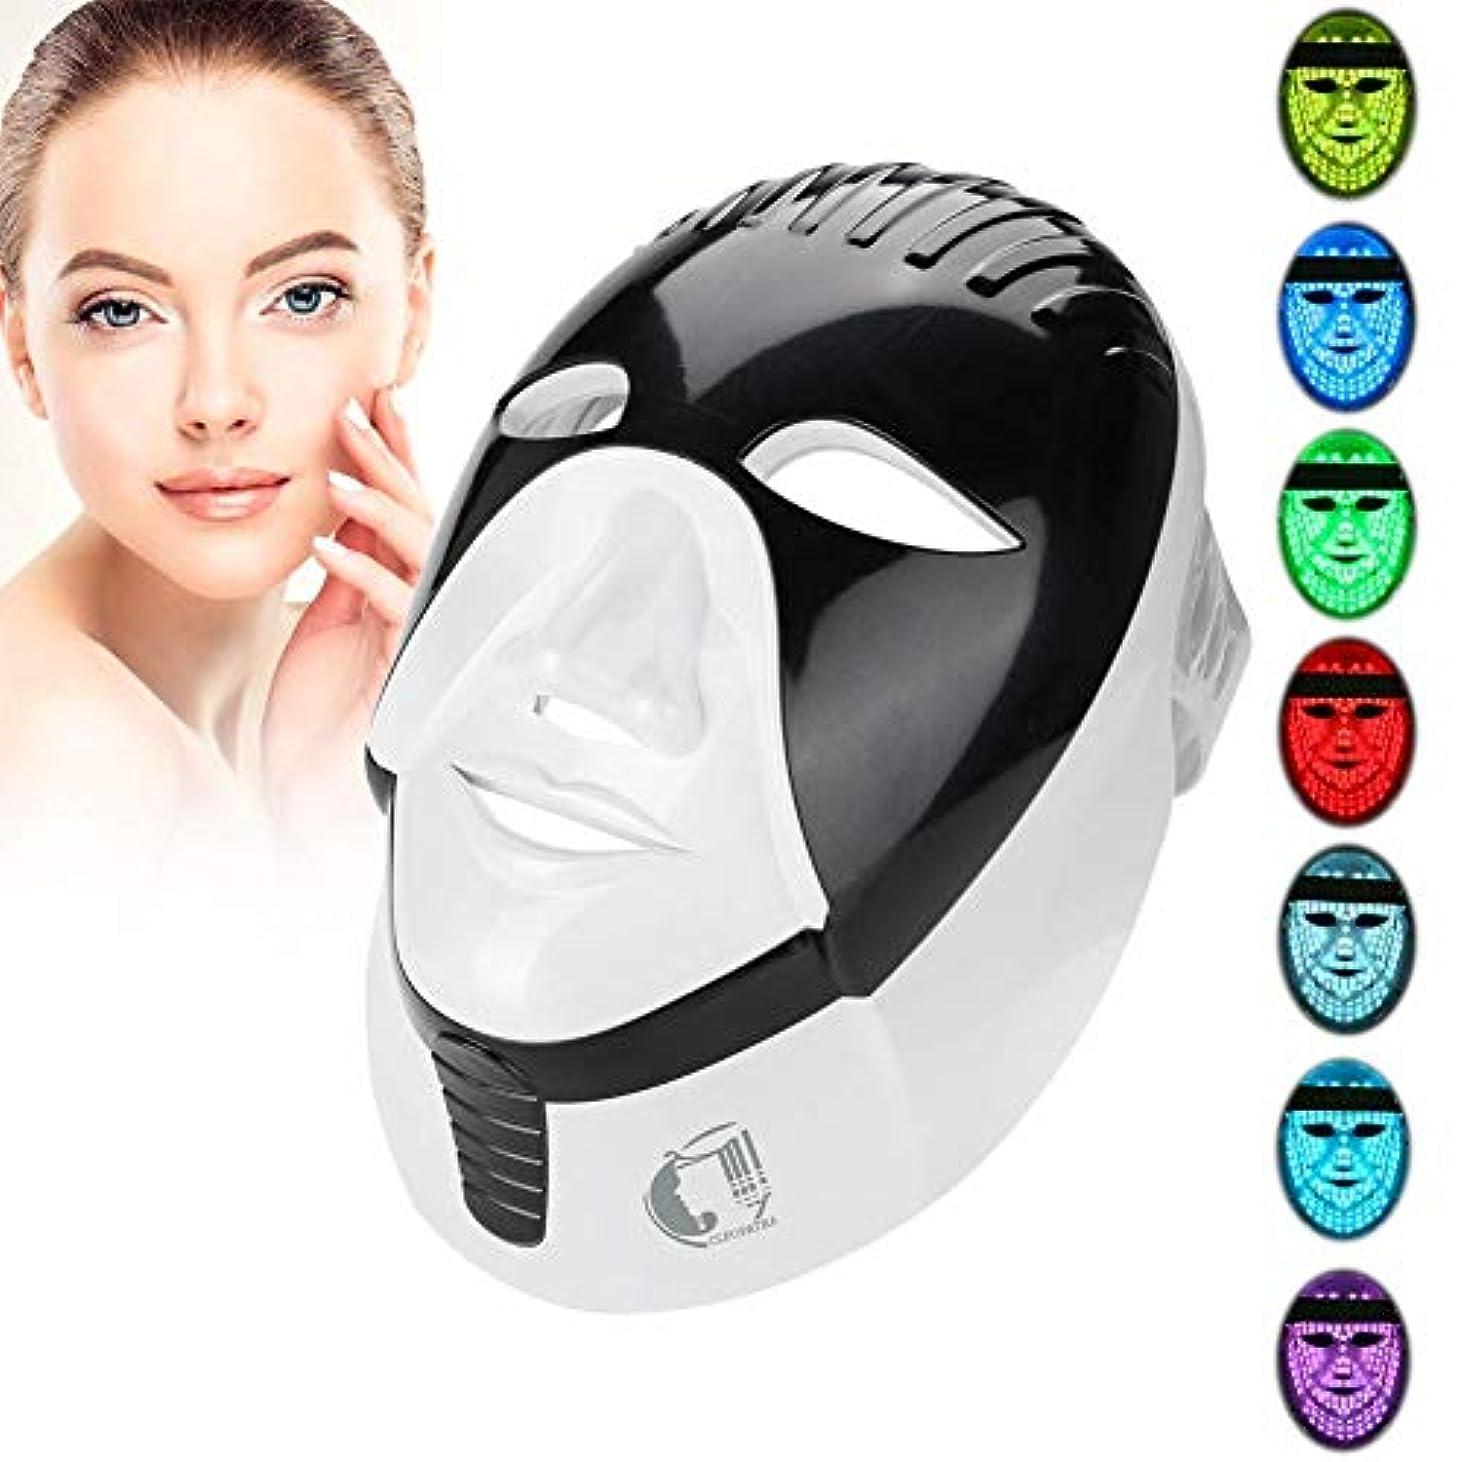 債務者メドレーシーフードフォトンセラピー7色マスク、毎日のスキンケアの若返りにきびとしわの除去のための美光療法フェイシャル